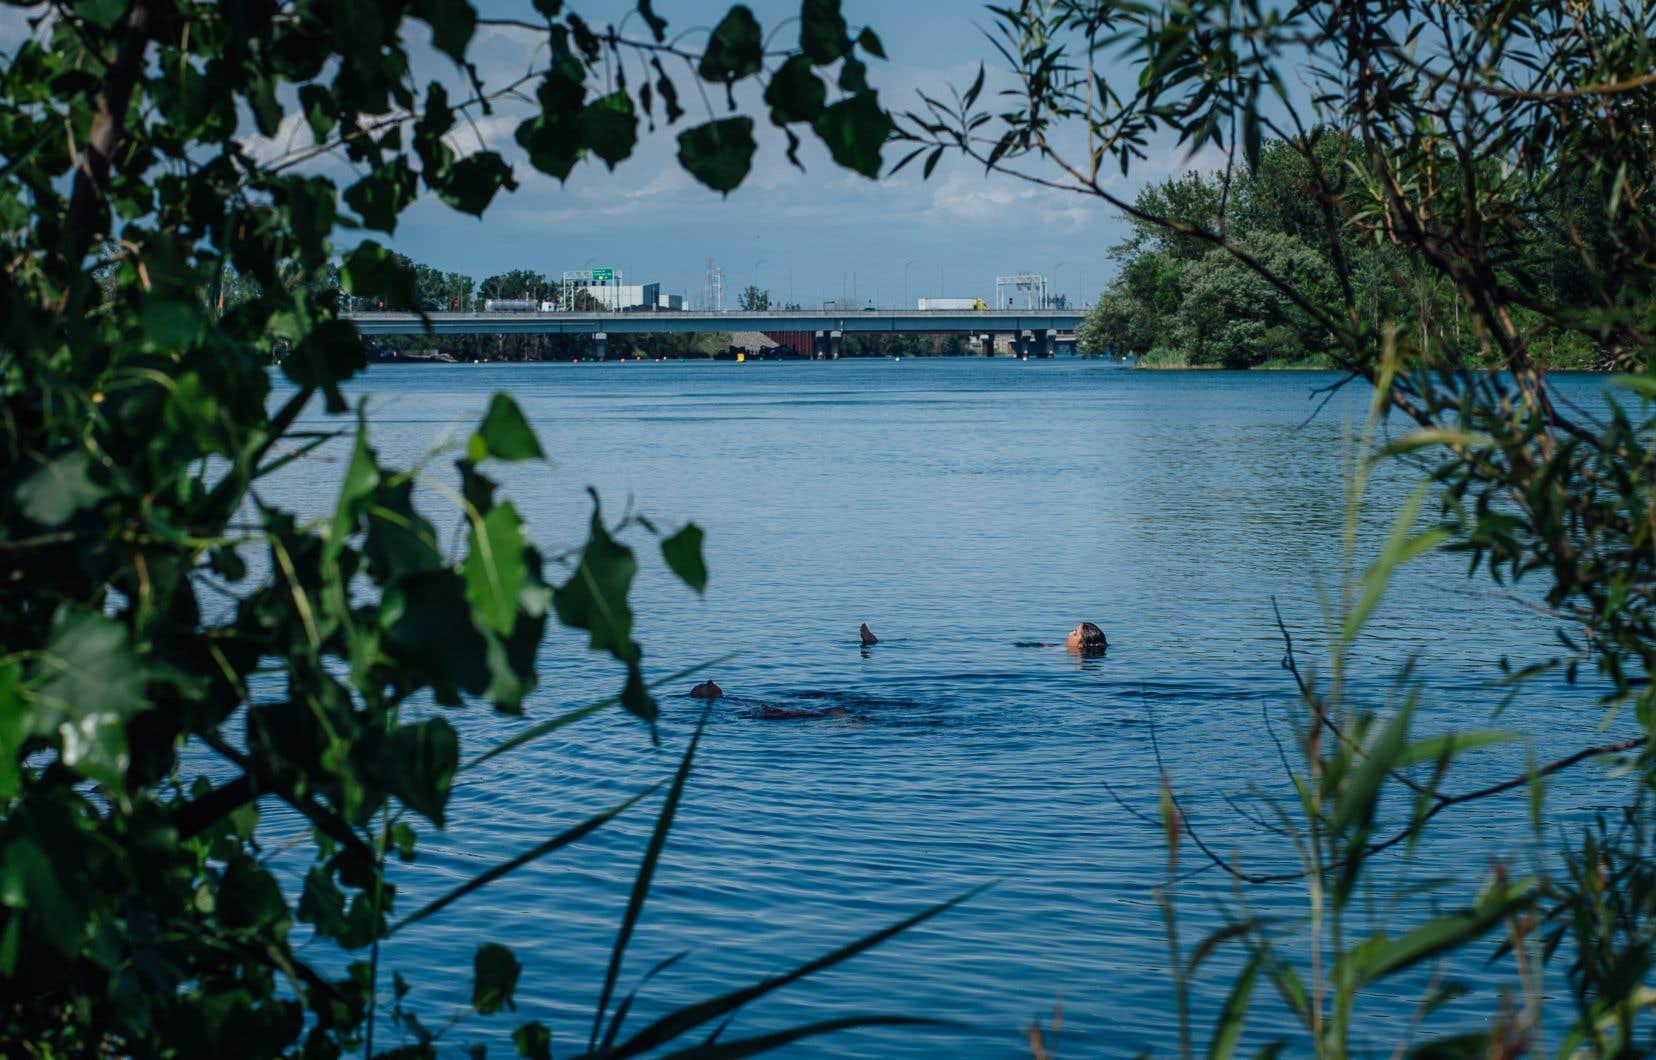 «Ce manque d'accès public est d'autant plus ironique que les lacs foisonnent au Québec», soulignent les auteurs.